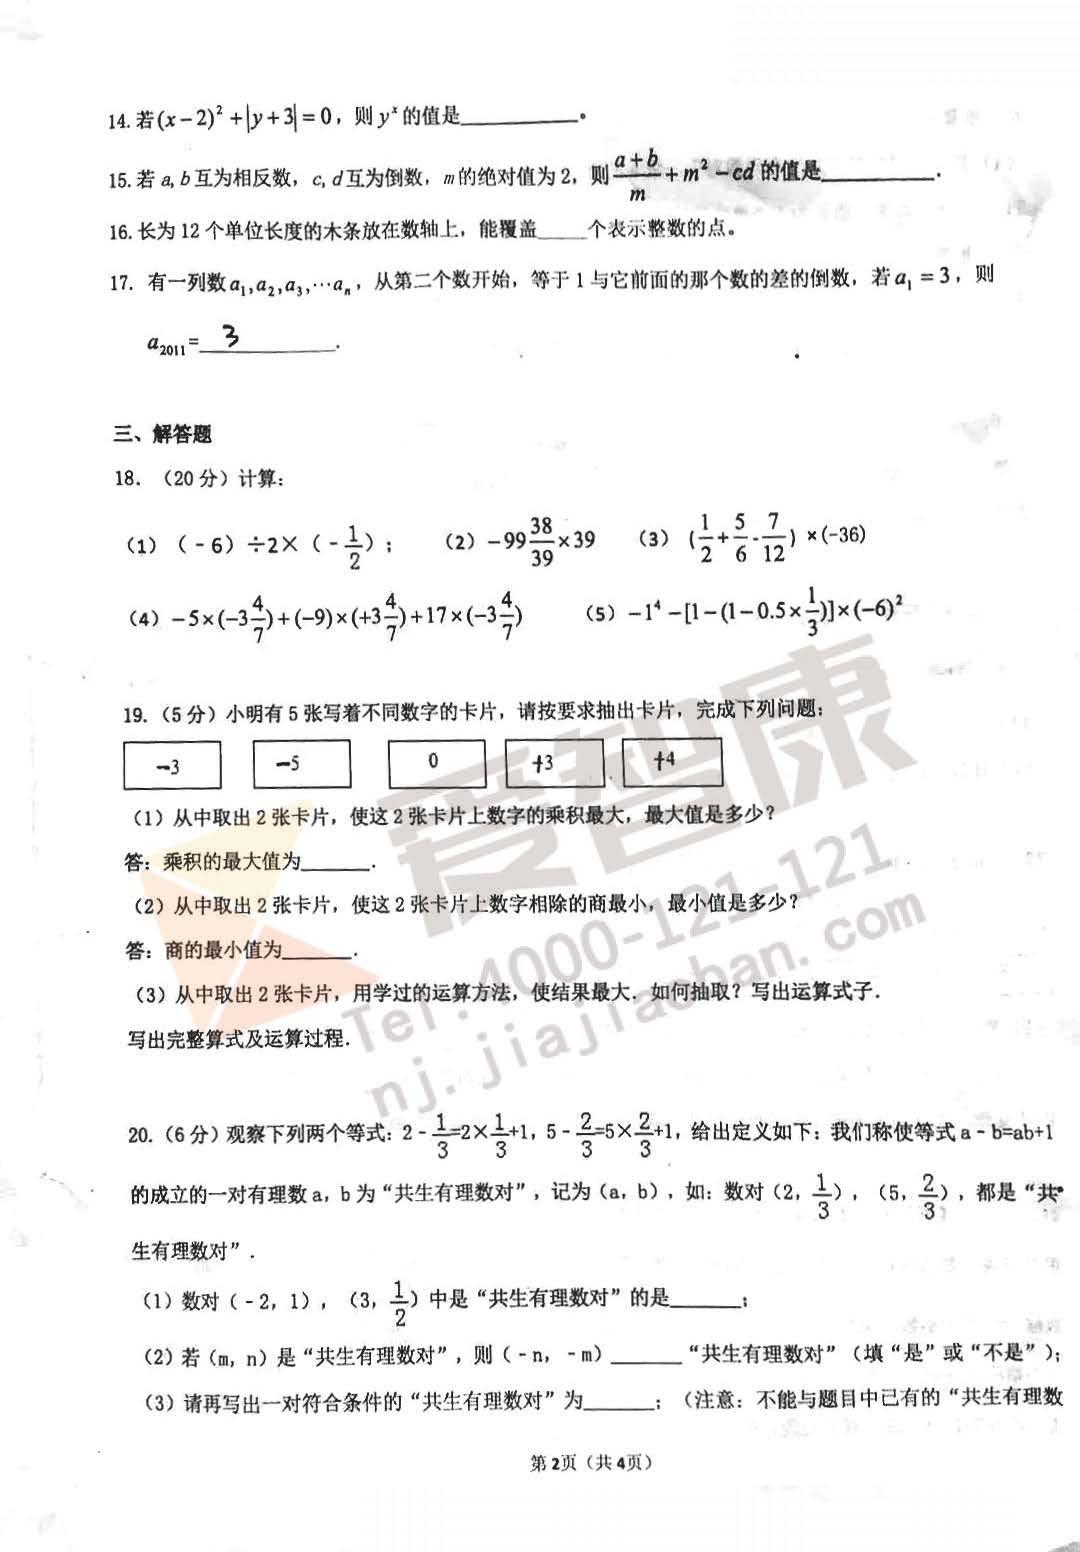 鼓实中学初一第一次月考数学试卷,南京初一第一次月考数学试卷,初一第一次月考数学试卷